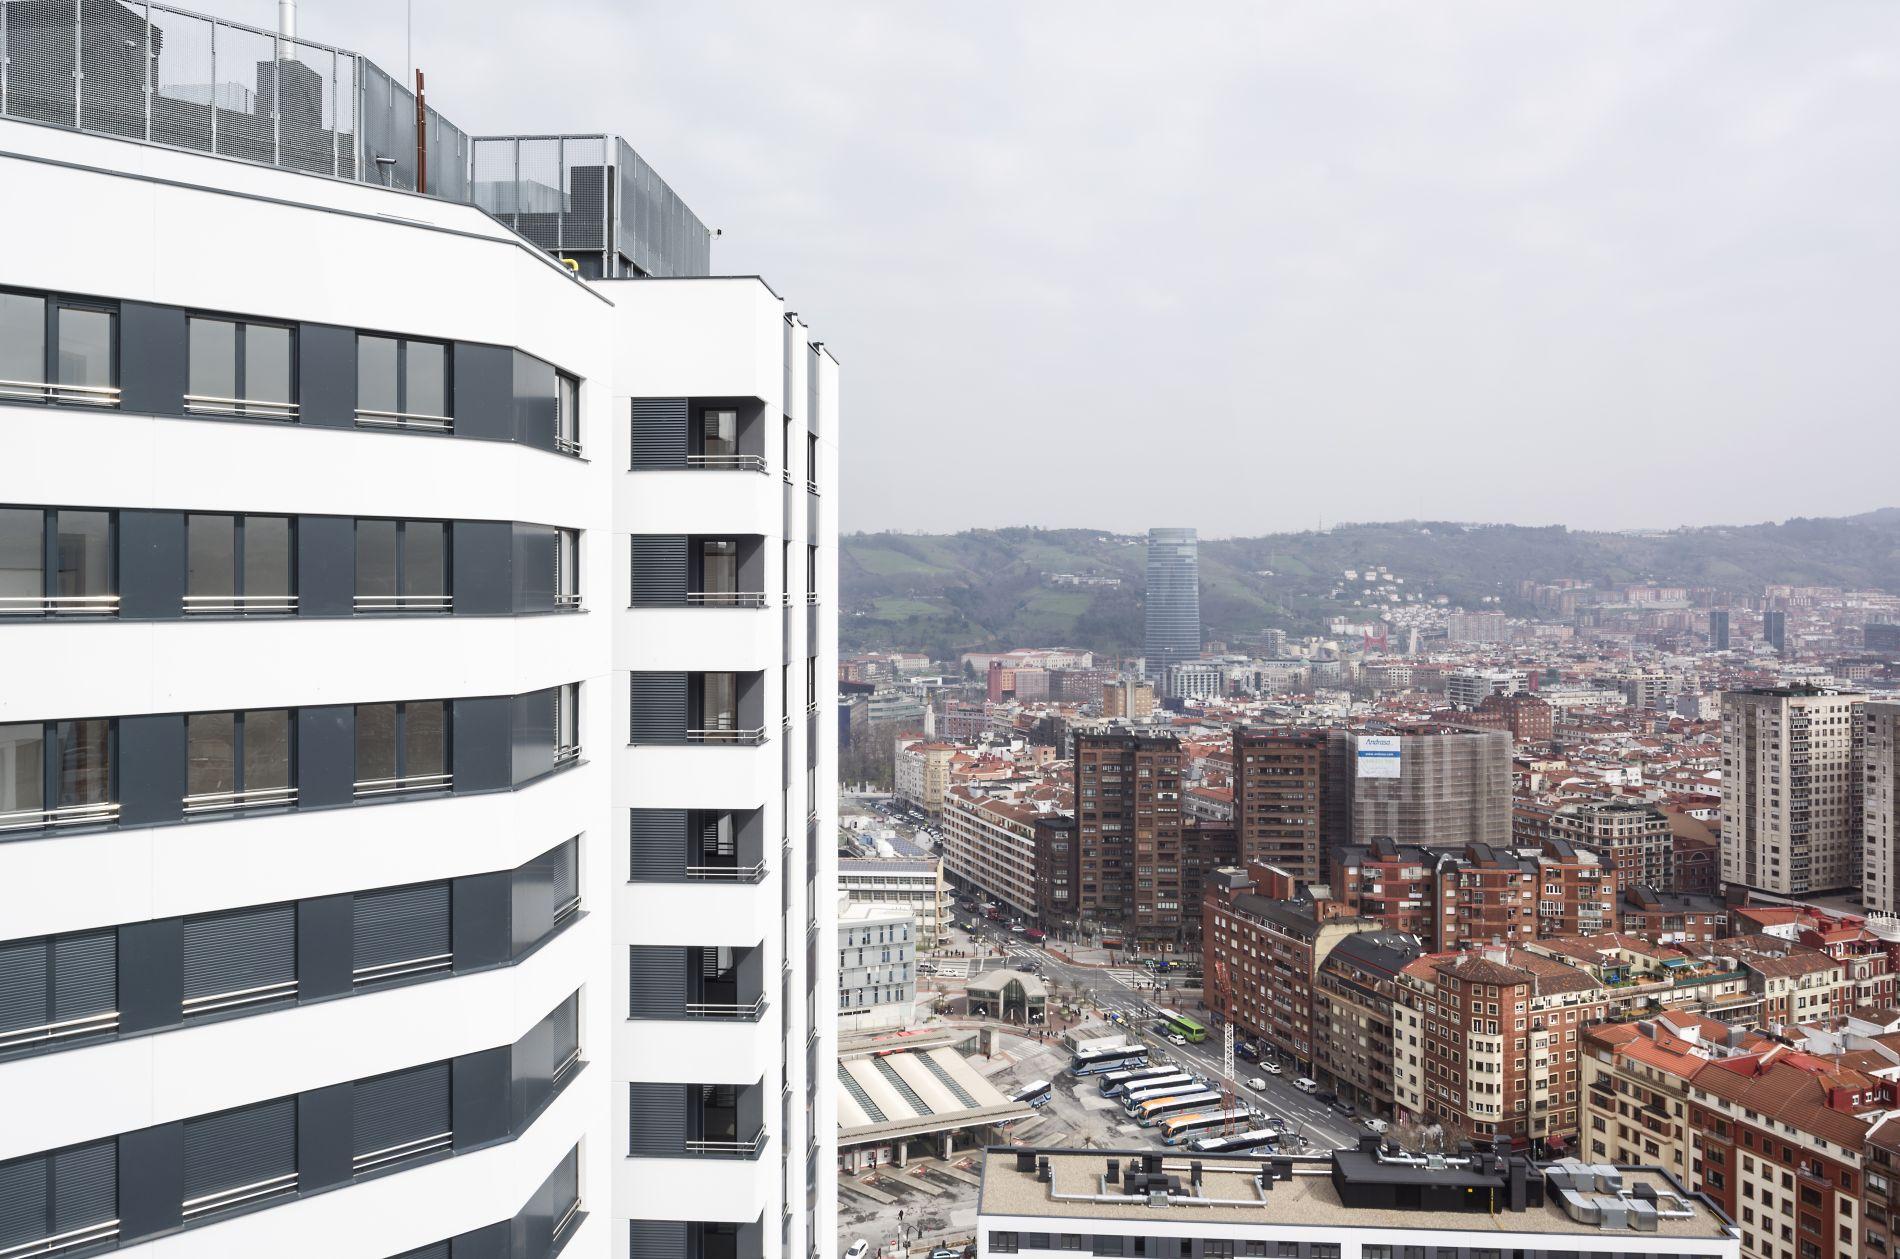 Fiark - 318 Viviendas VPO y 289 tasadas en Bilbao 22